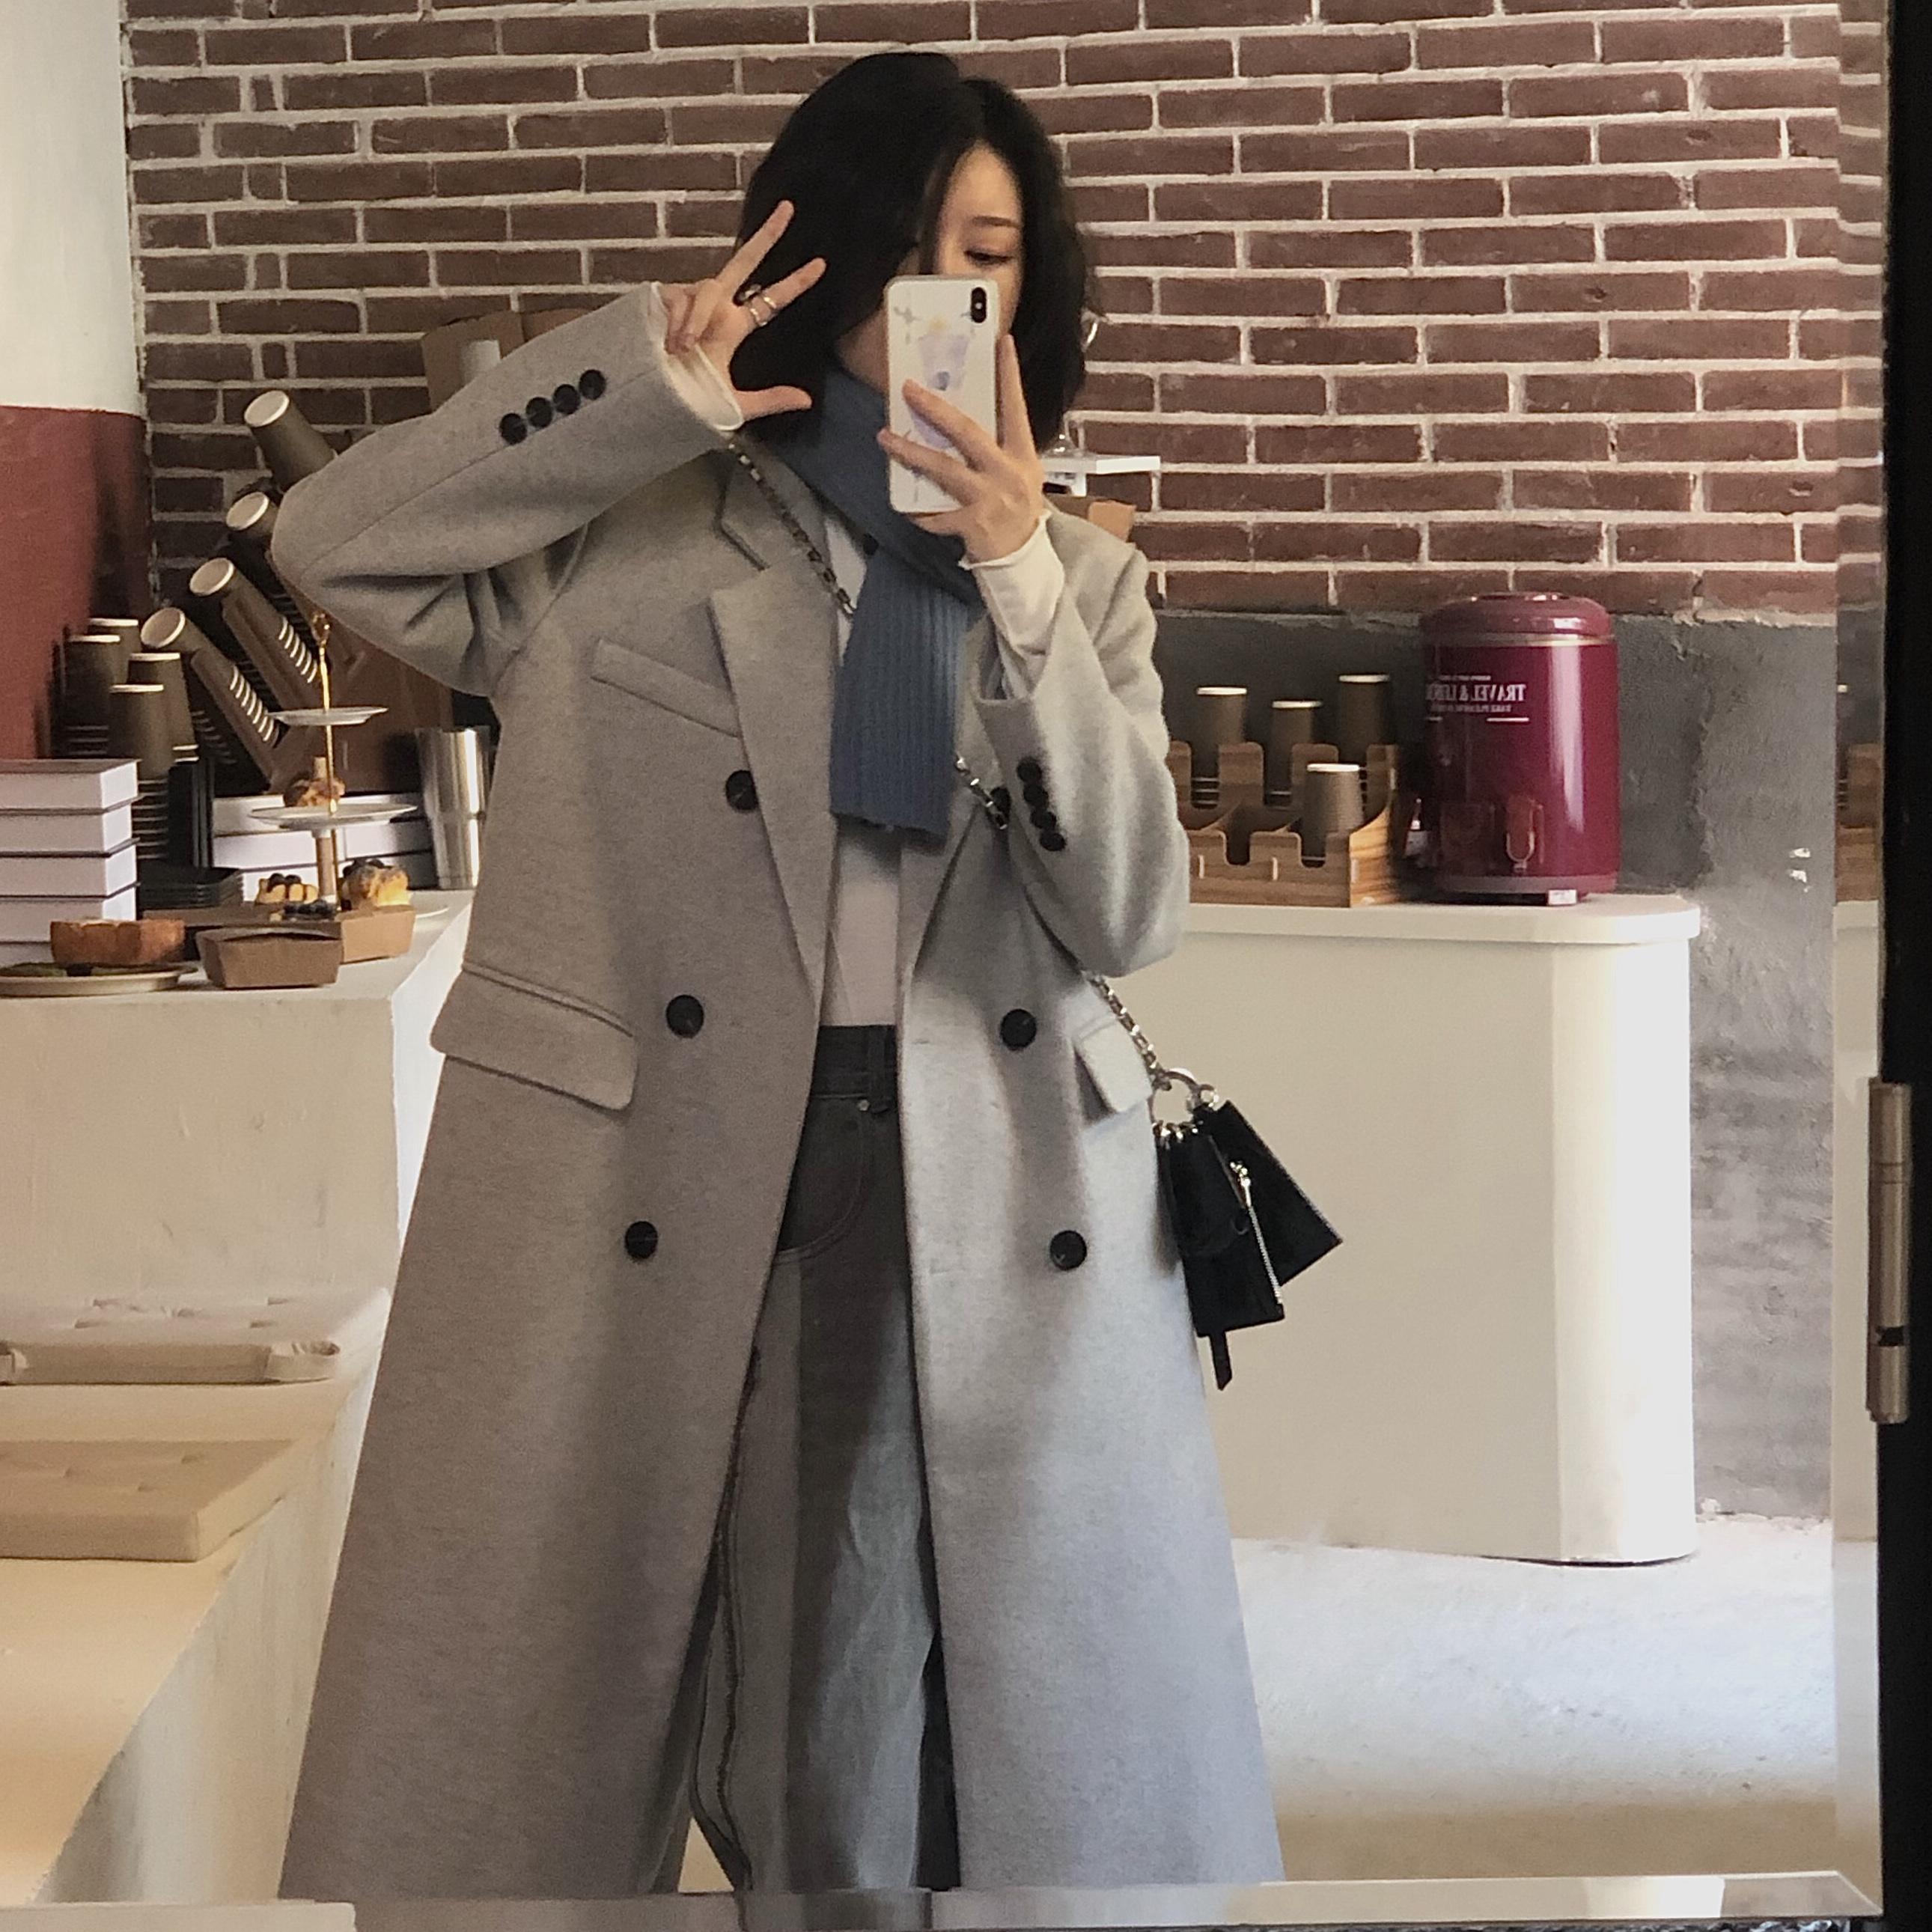 2021聚酯均码单排扣年春装中长款西装大衣冬季新款灰色毛呢外套女